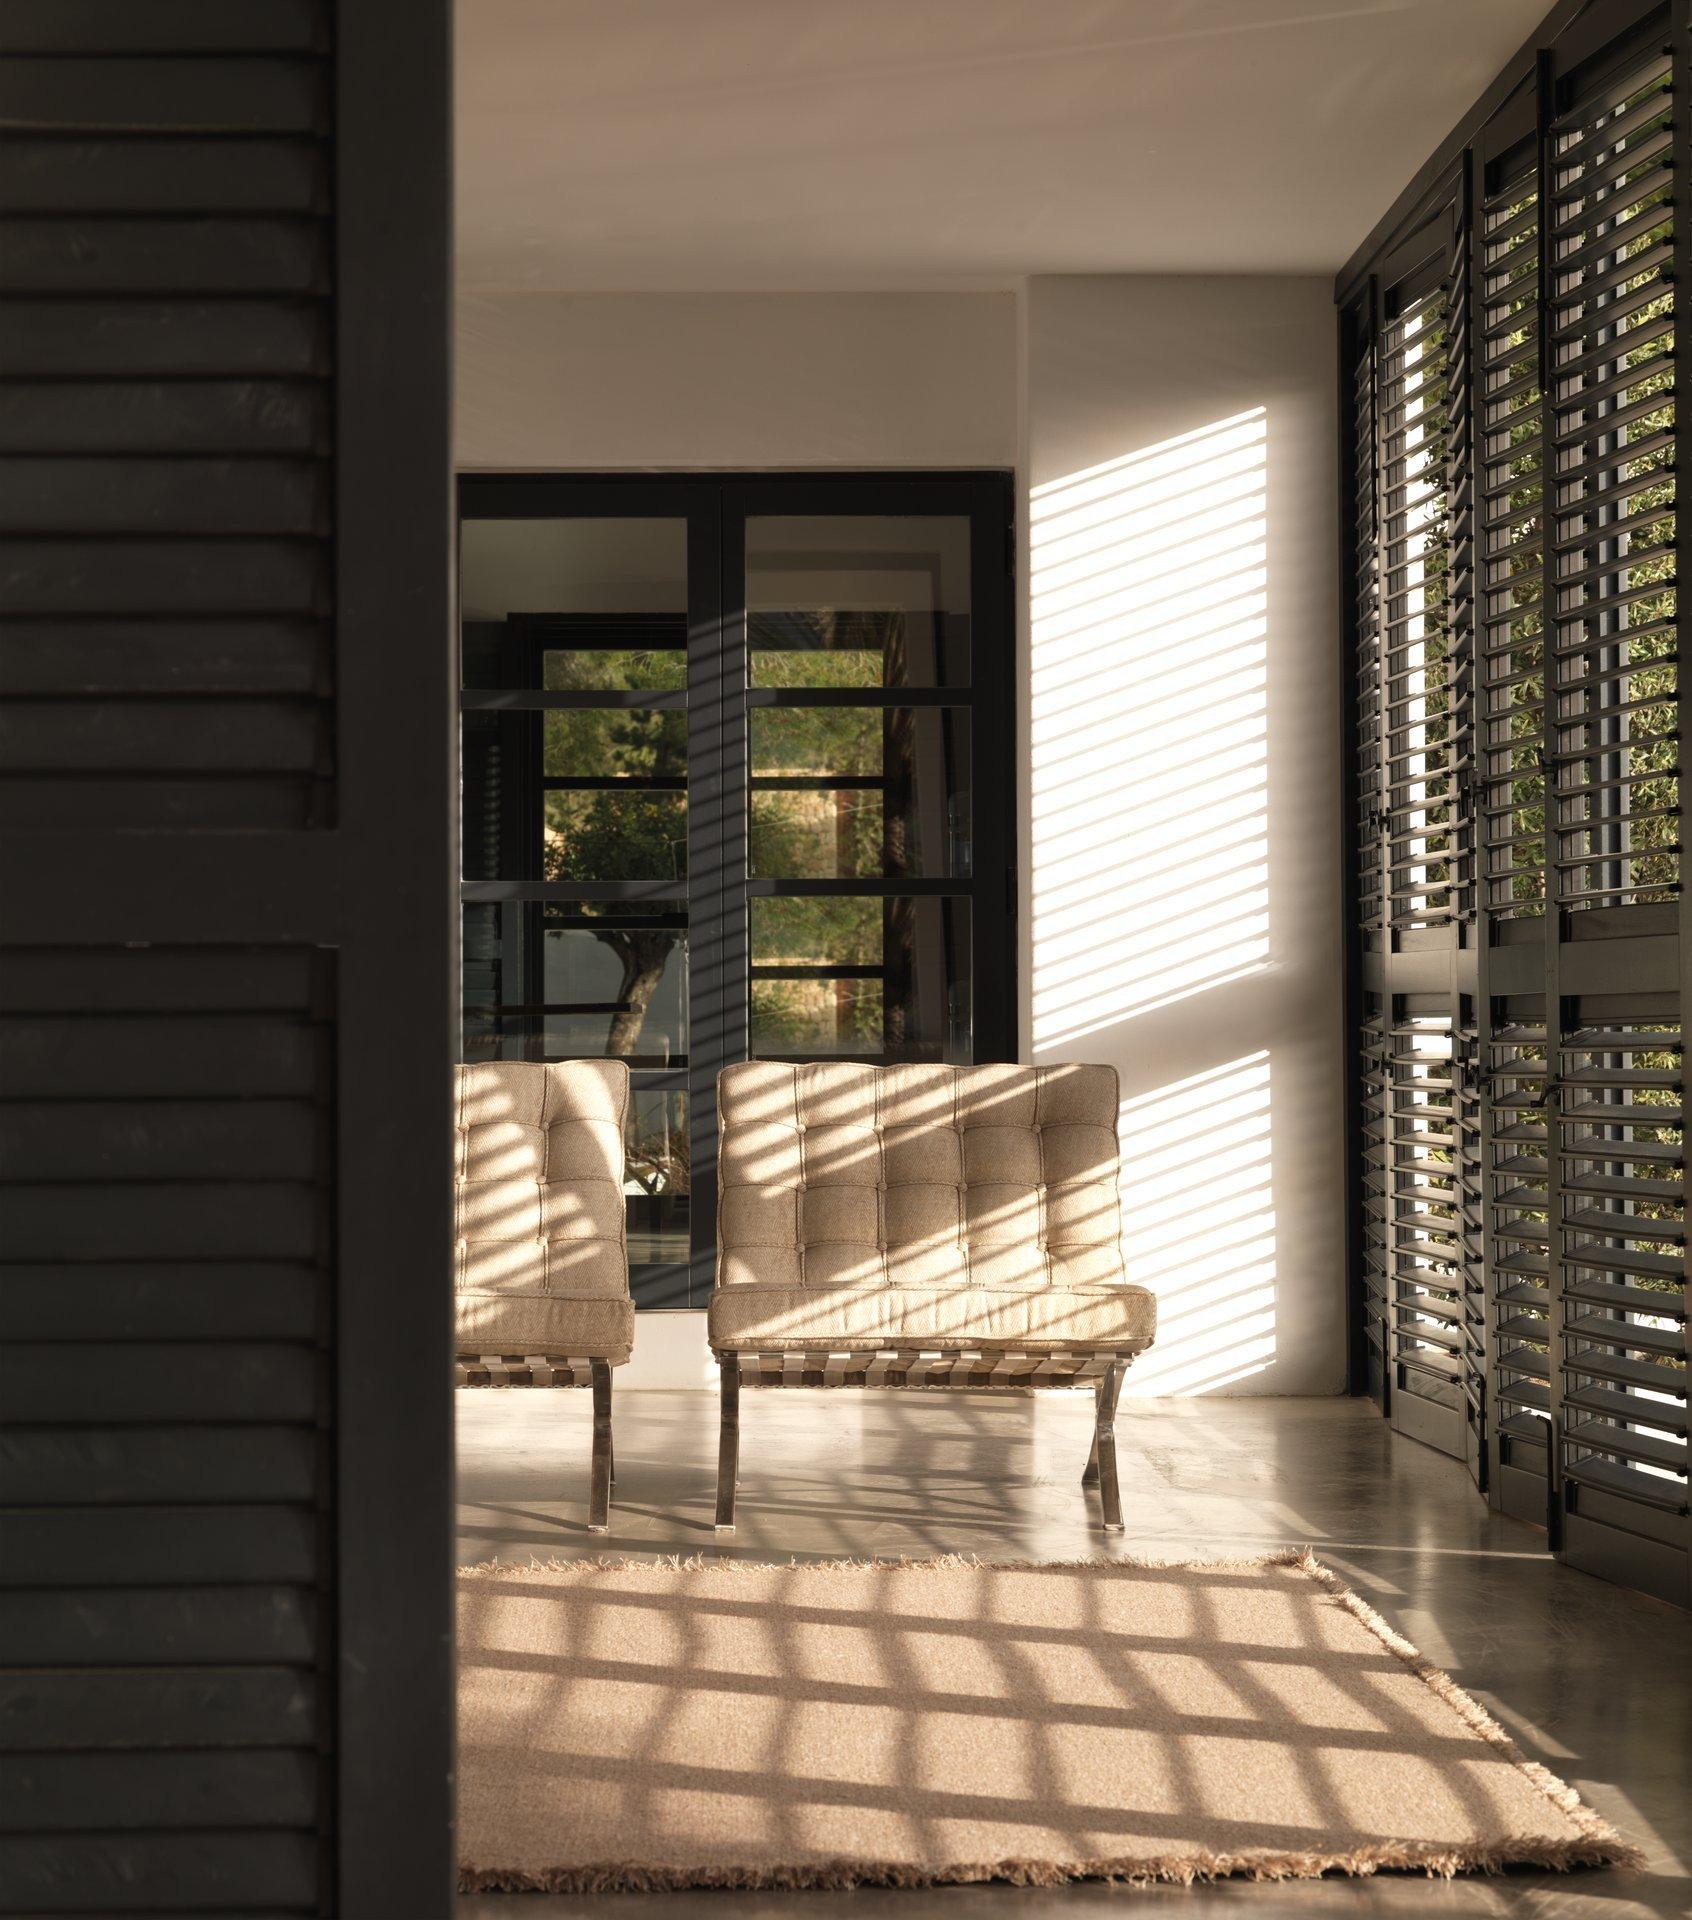 houten-flexen-bodecor-7-1.jpg Houten lamellen